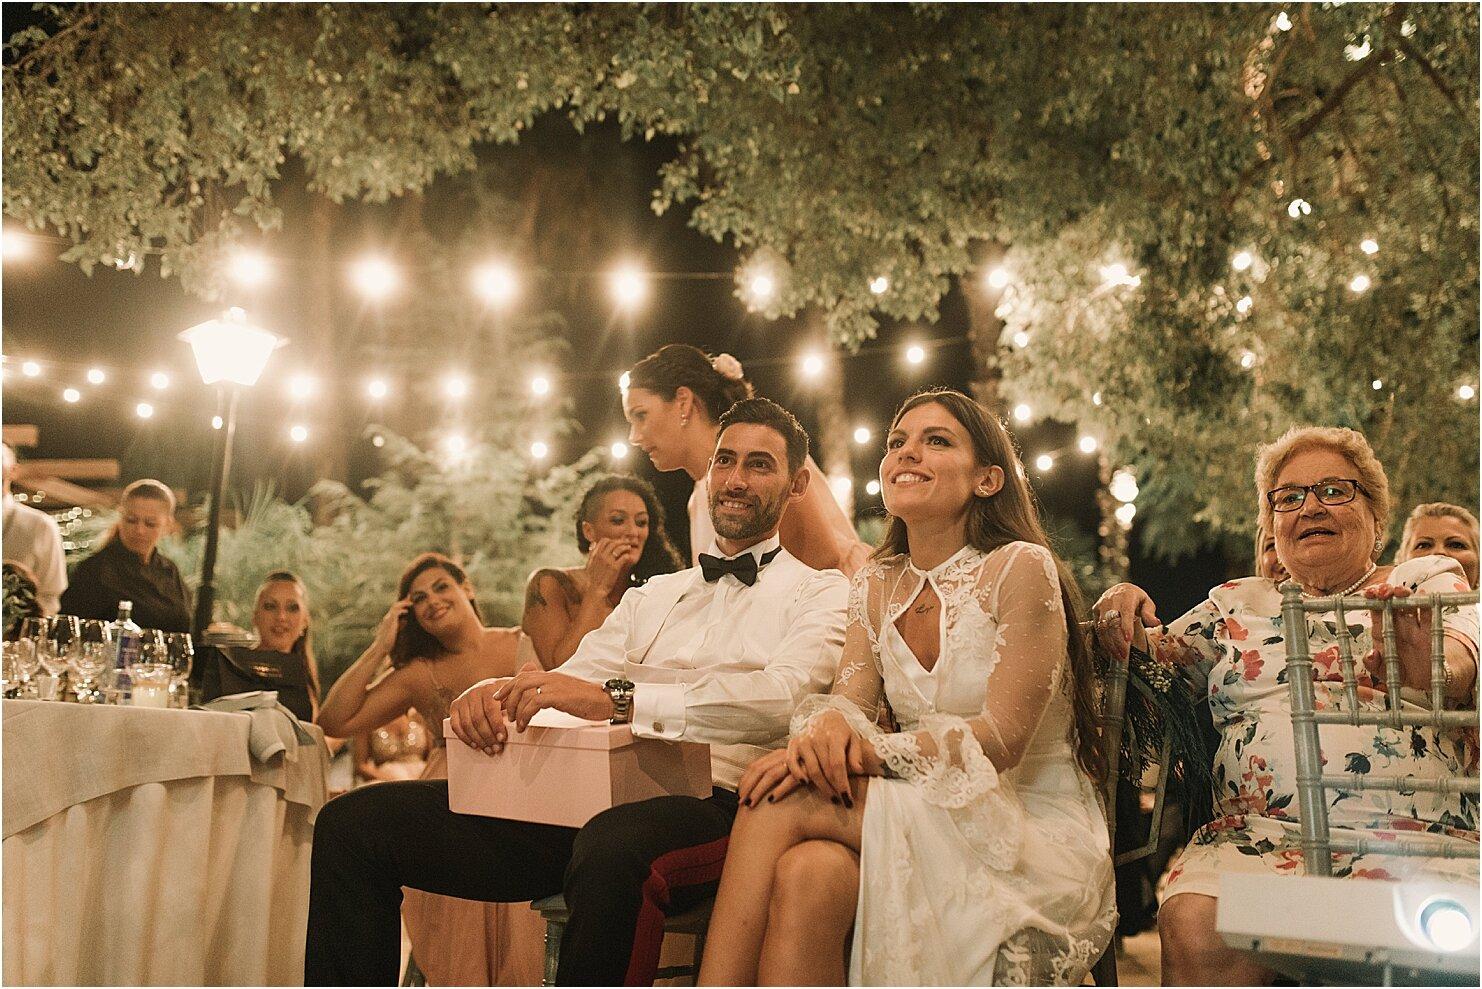 boda-romantica-boda-boho-vestido-de-novia-laura-lomas94.jpg